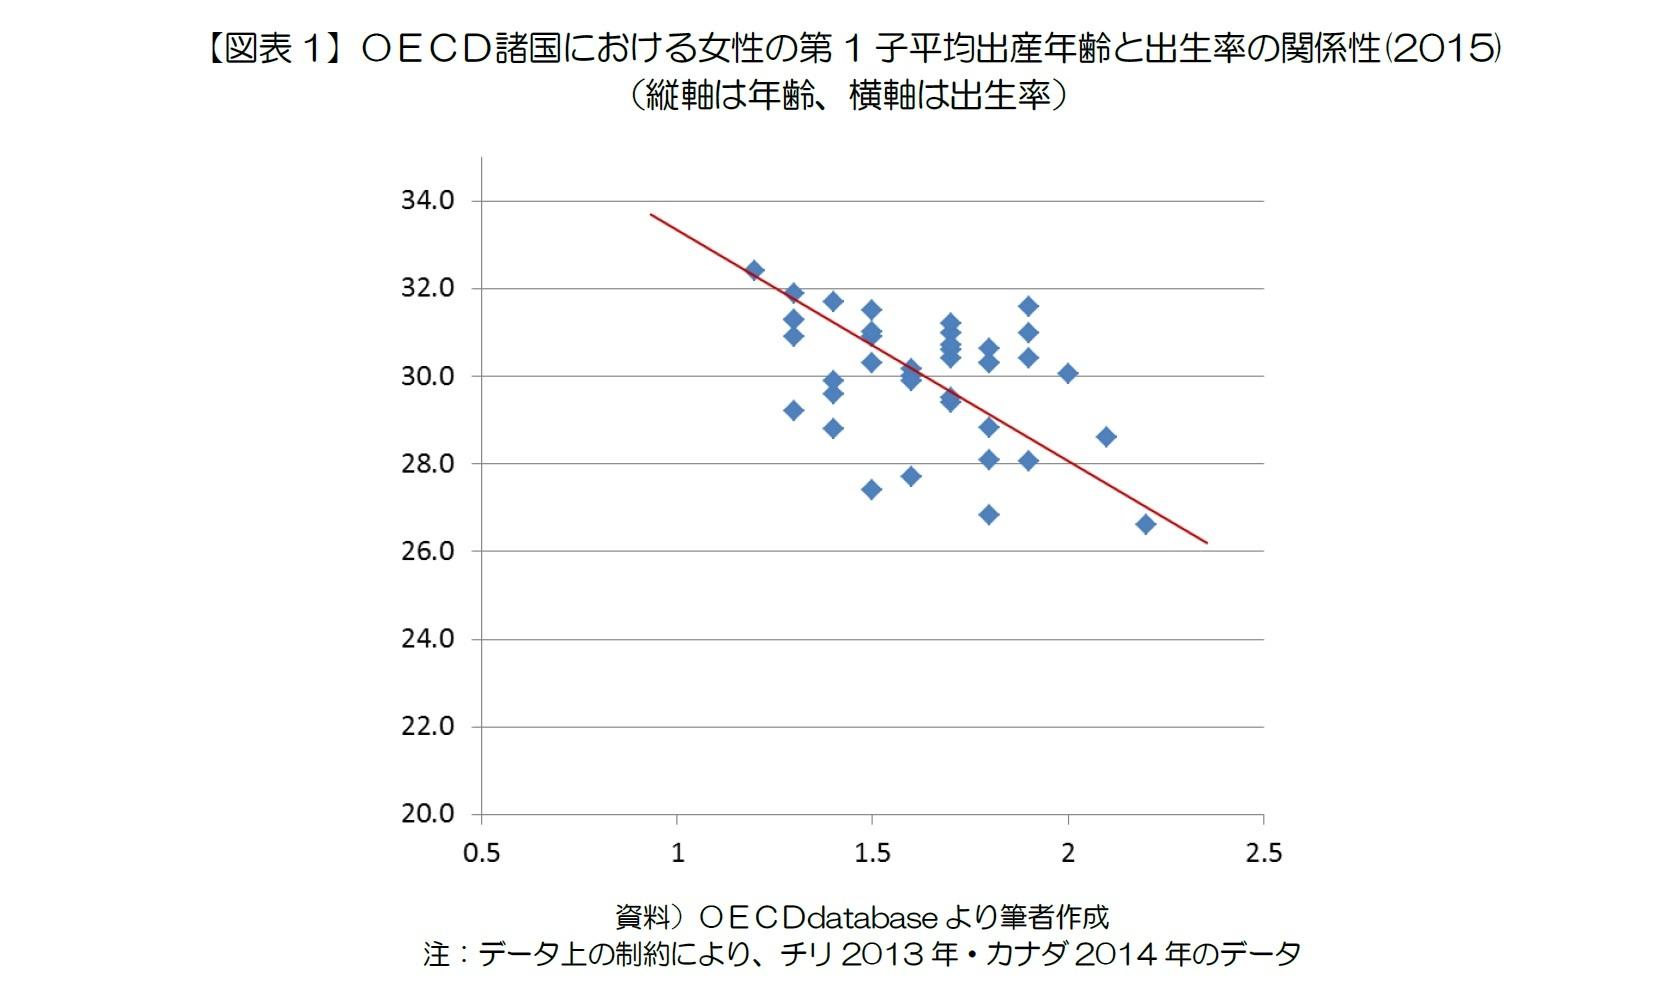 【図表1】OECD諸国における女性の第1子平均出産年齢と出生率の関係性(2015)